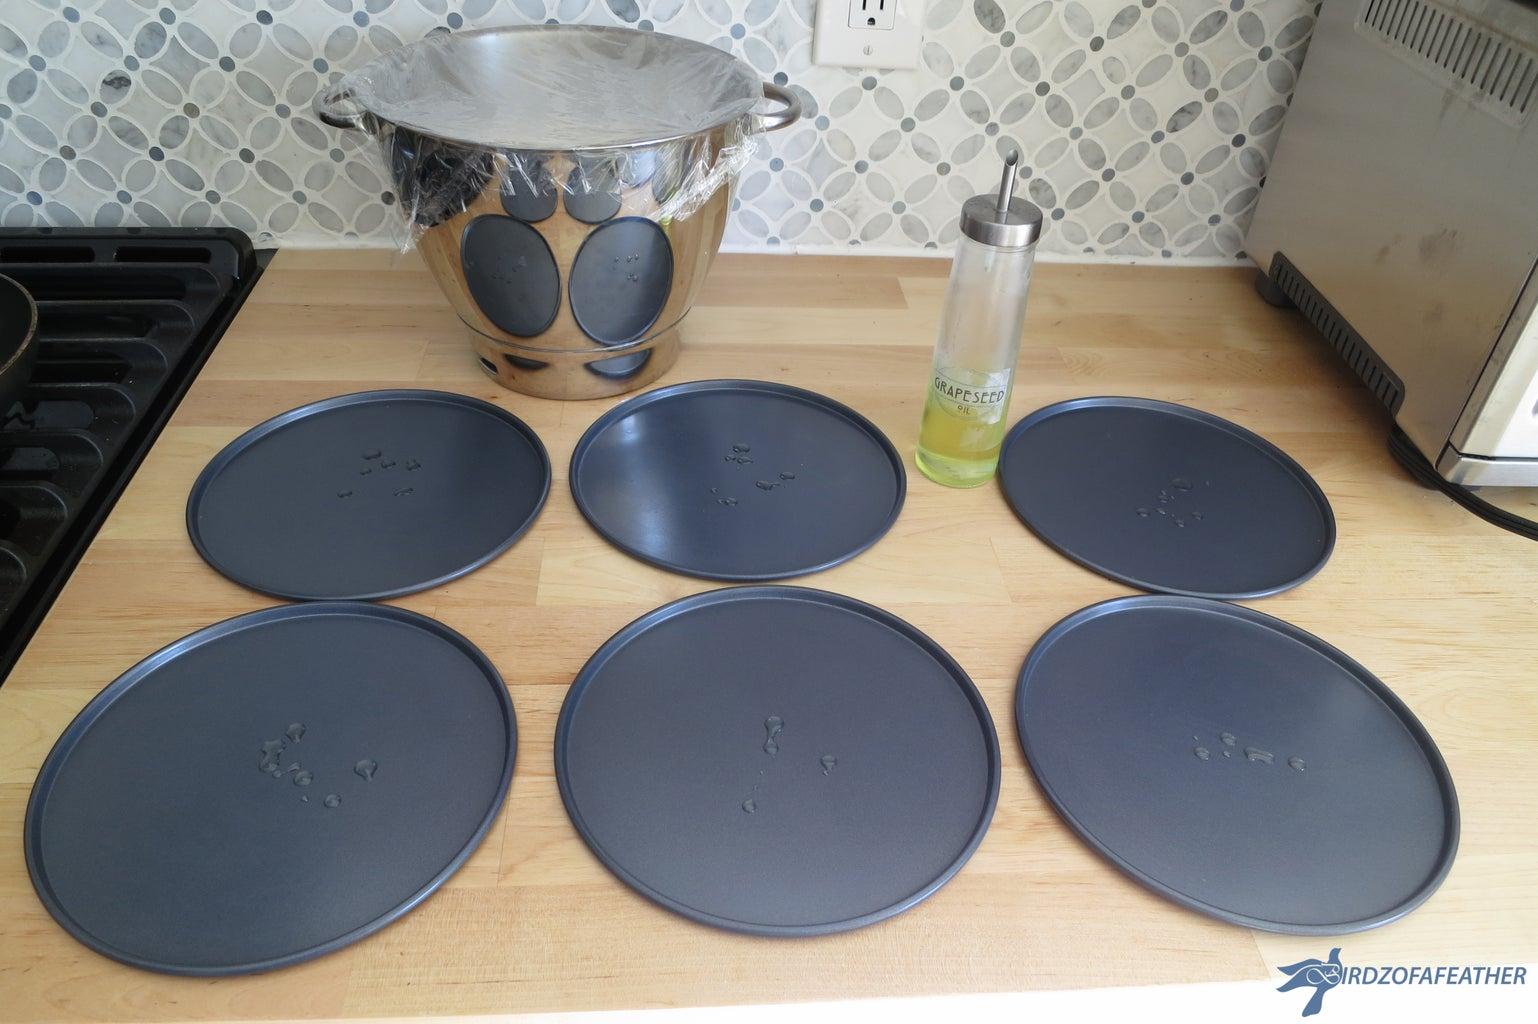 Prepare Mini Pizza Pans